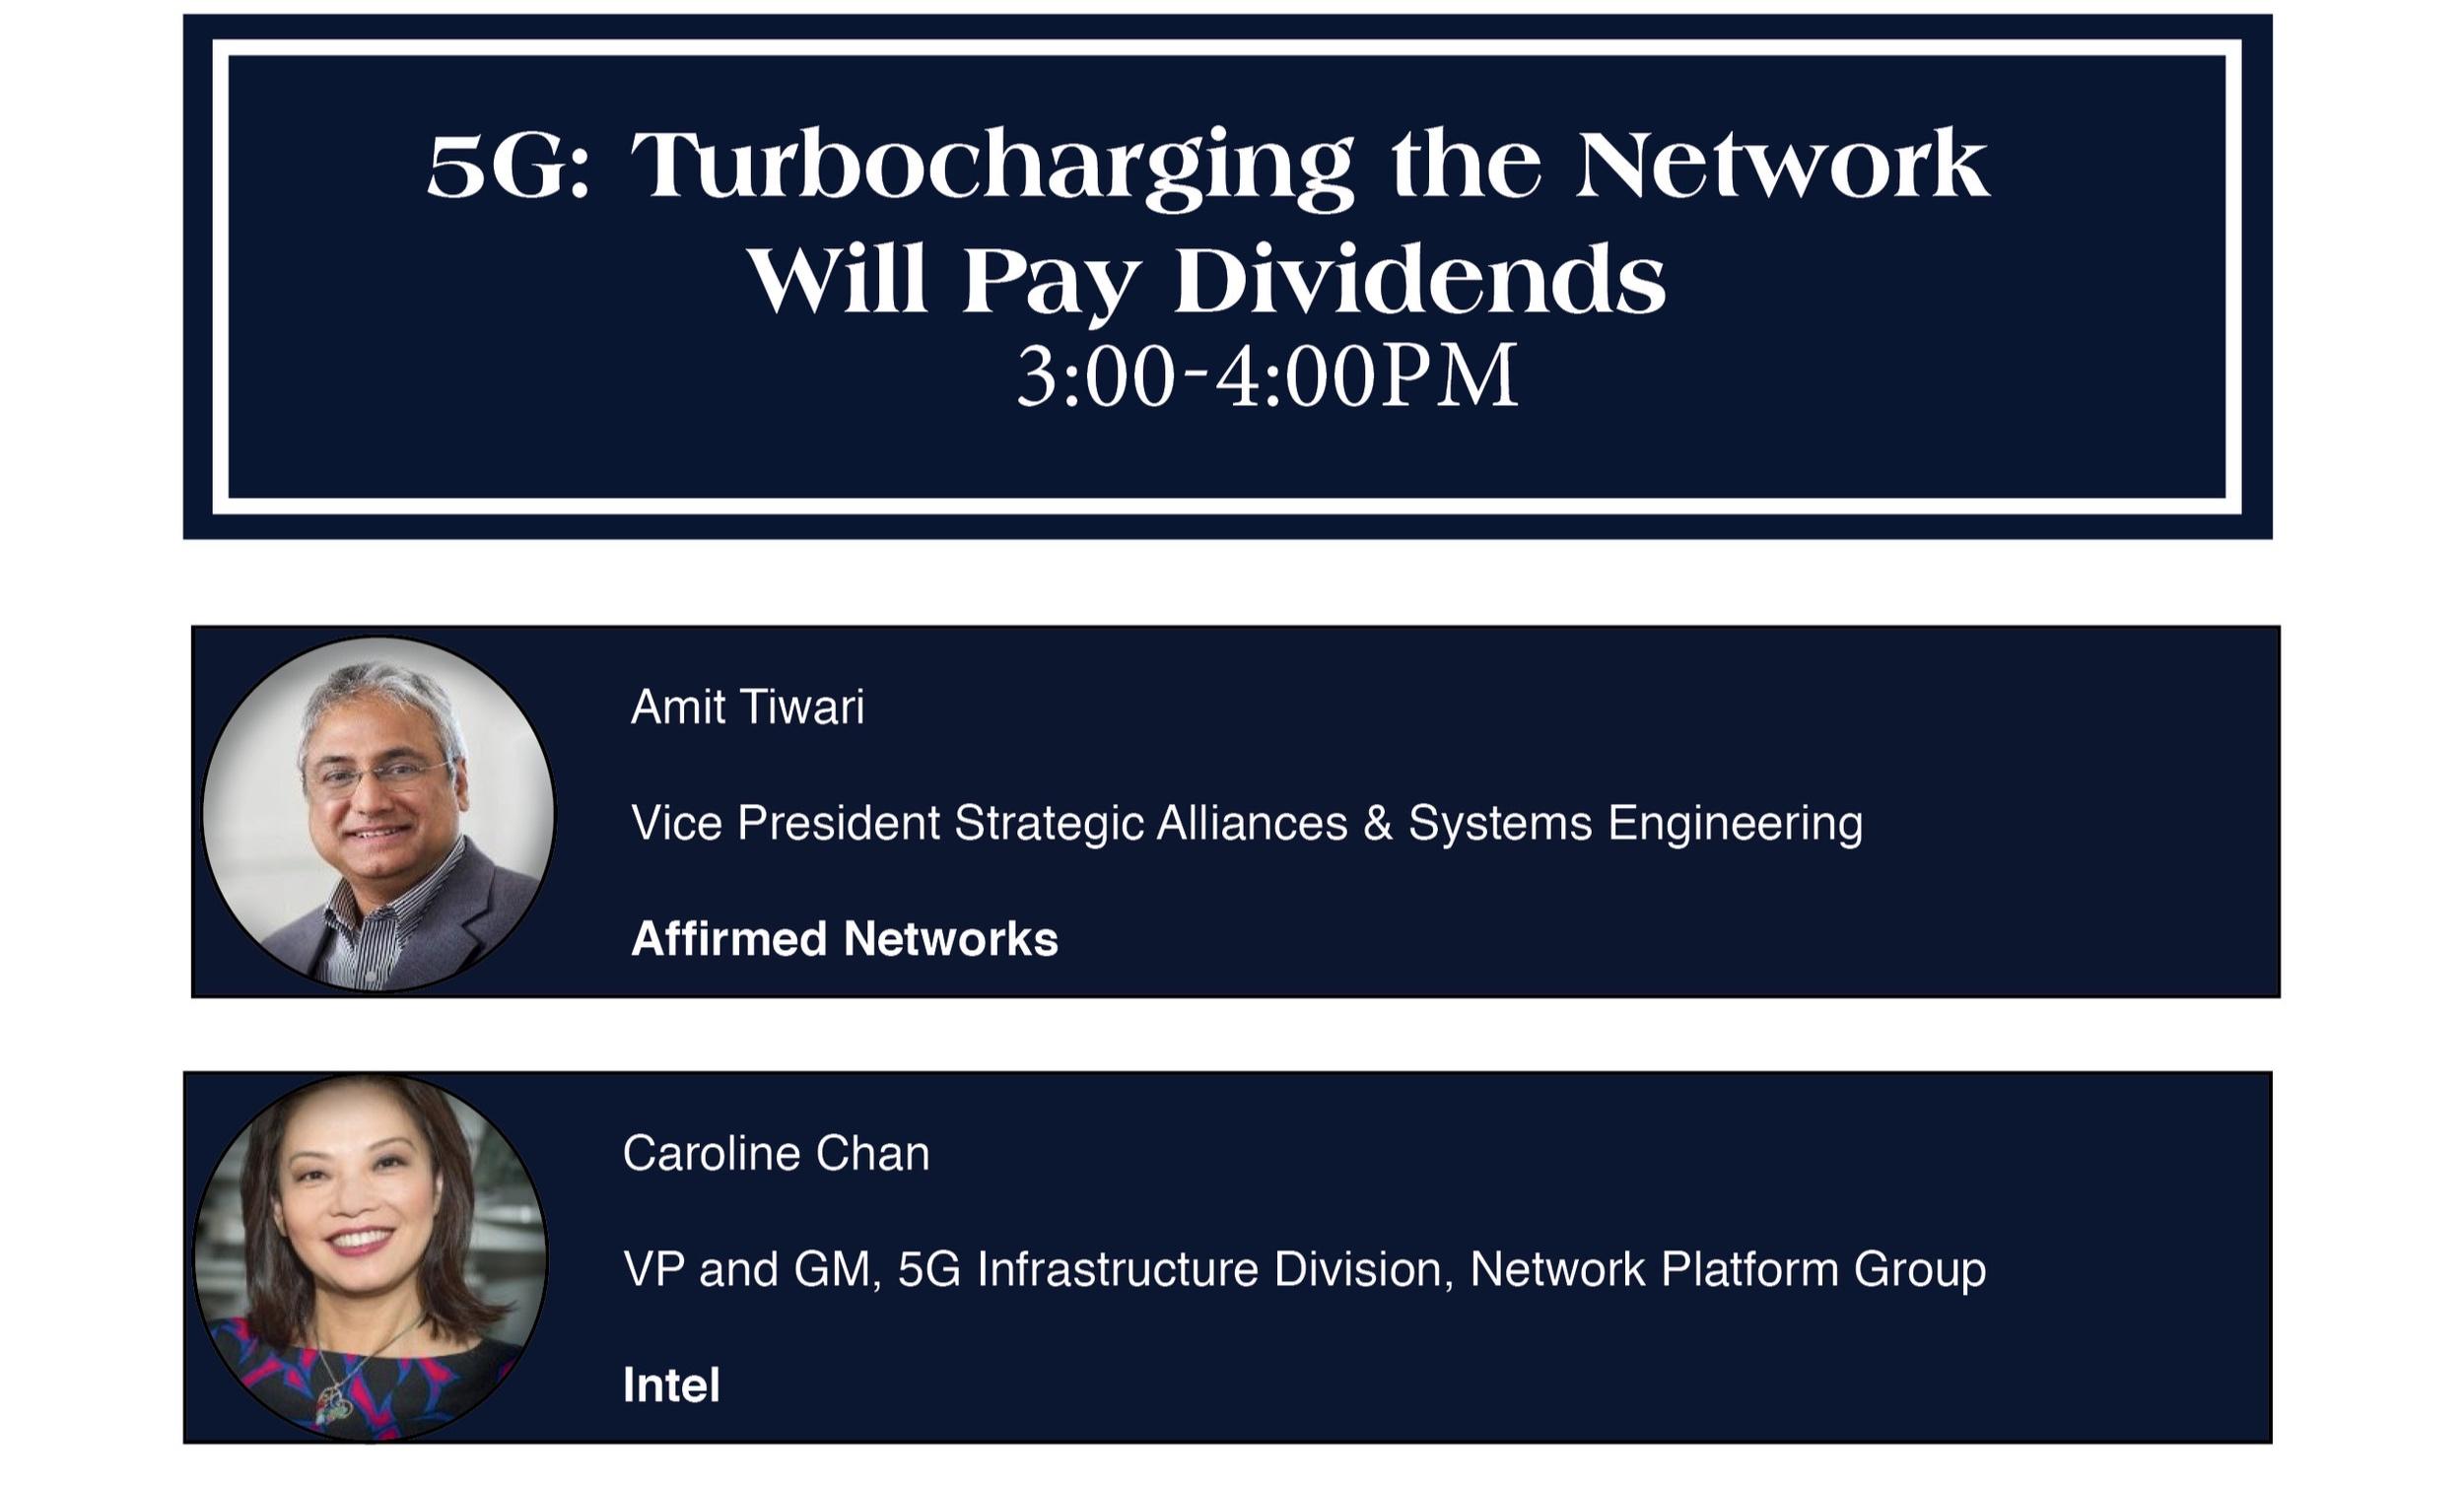 5G+Turbocharging+.jpg